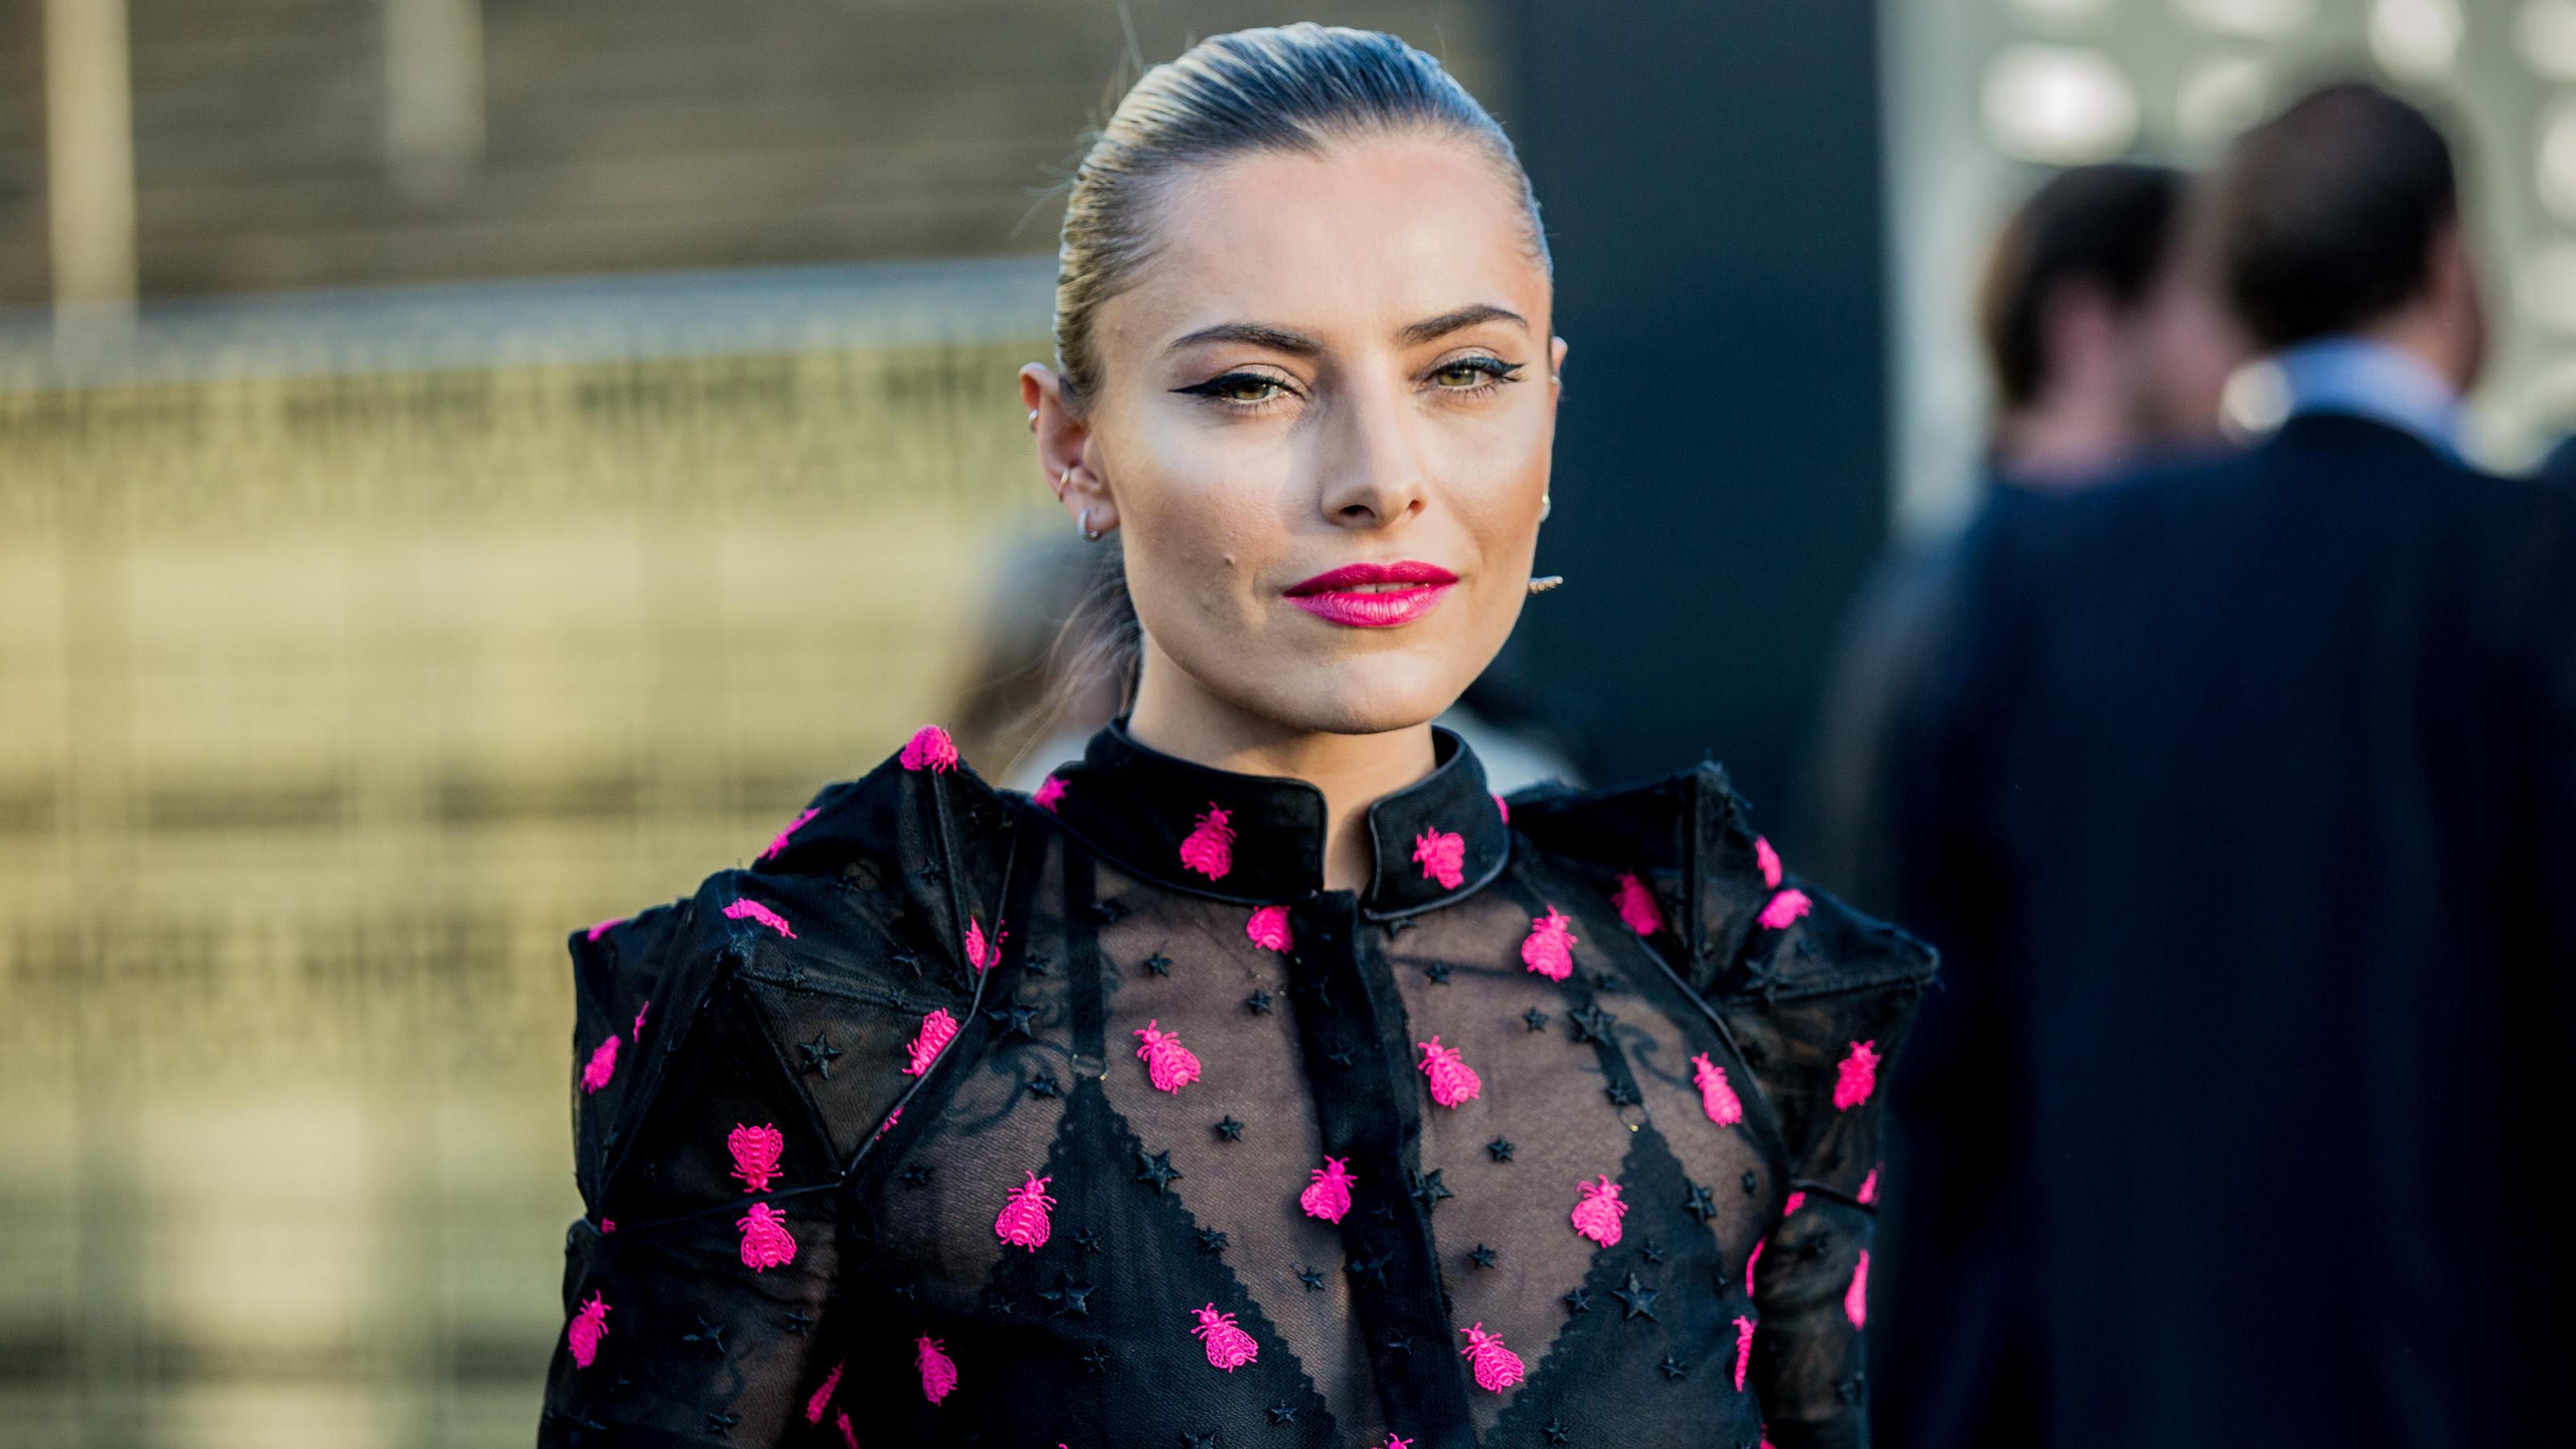 Sophia Thomalla klärt auf: Darum hat sie noch kein Helene-Fischer-Tattoo